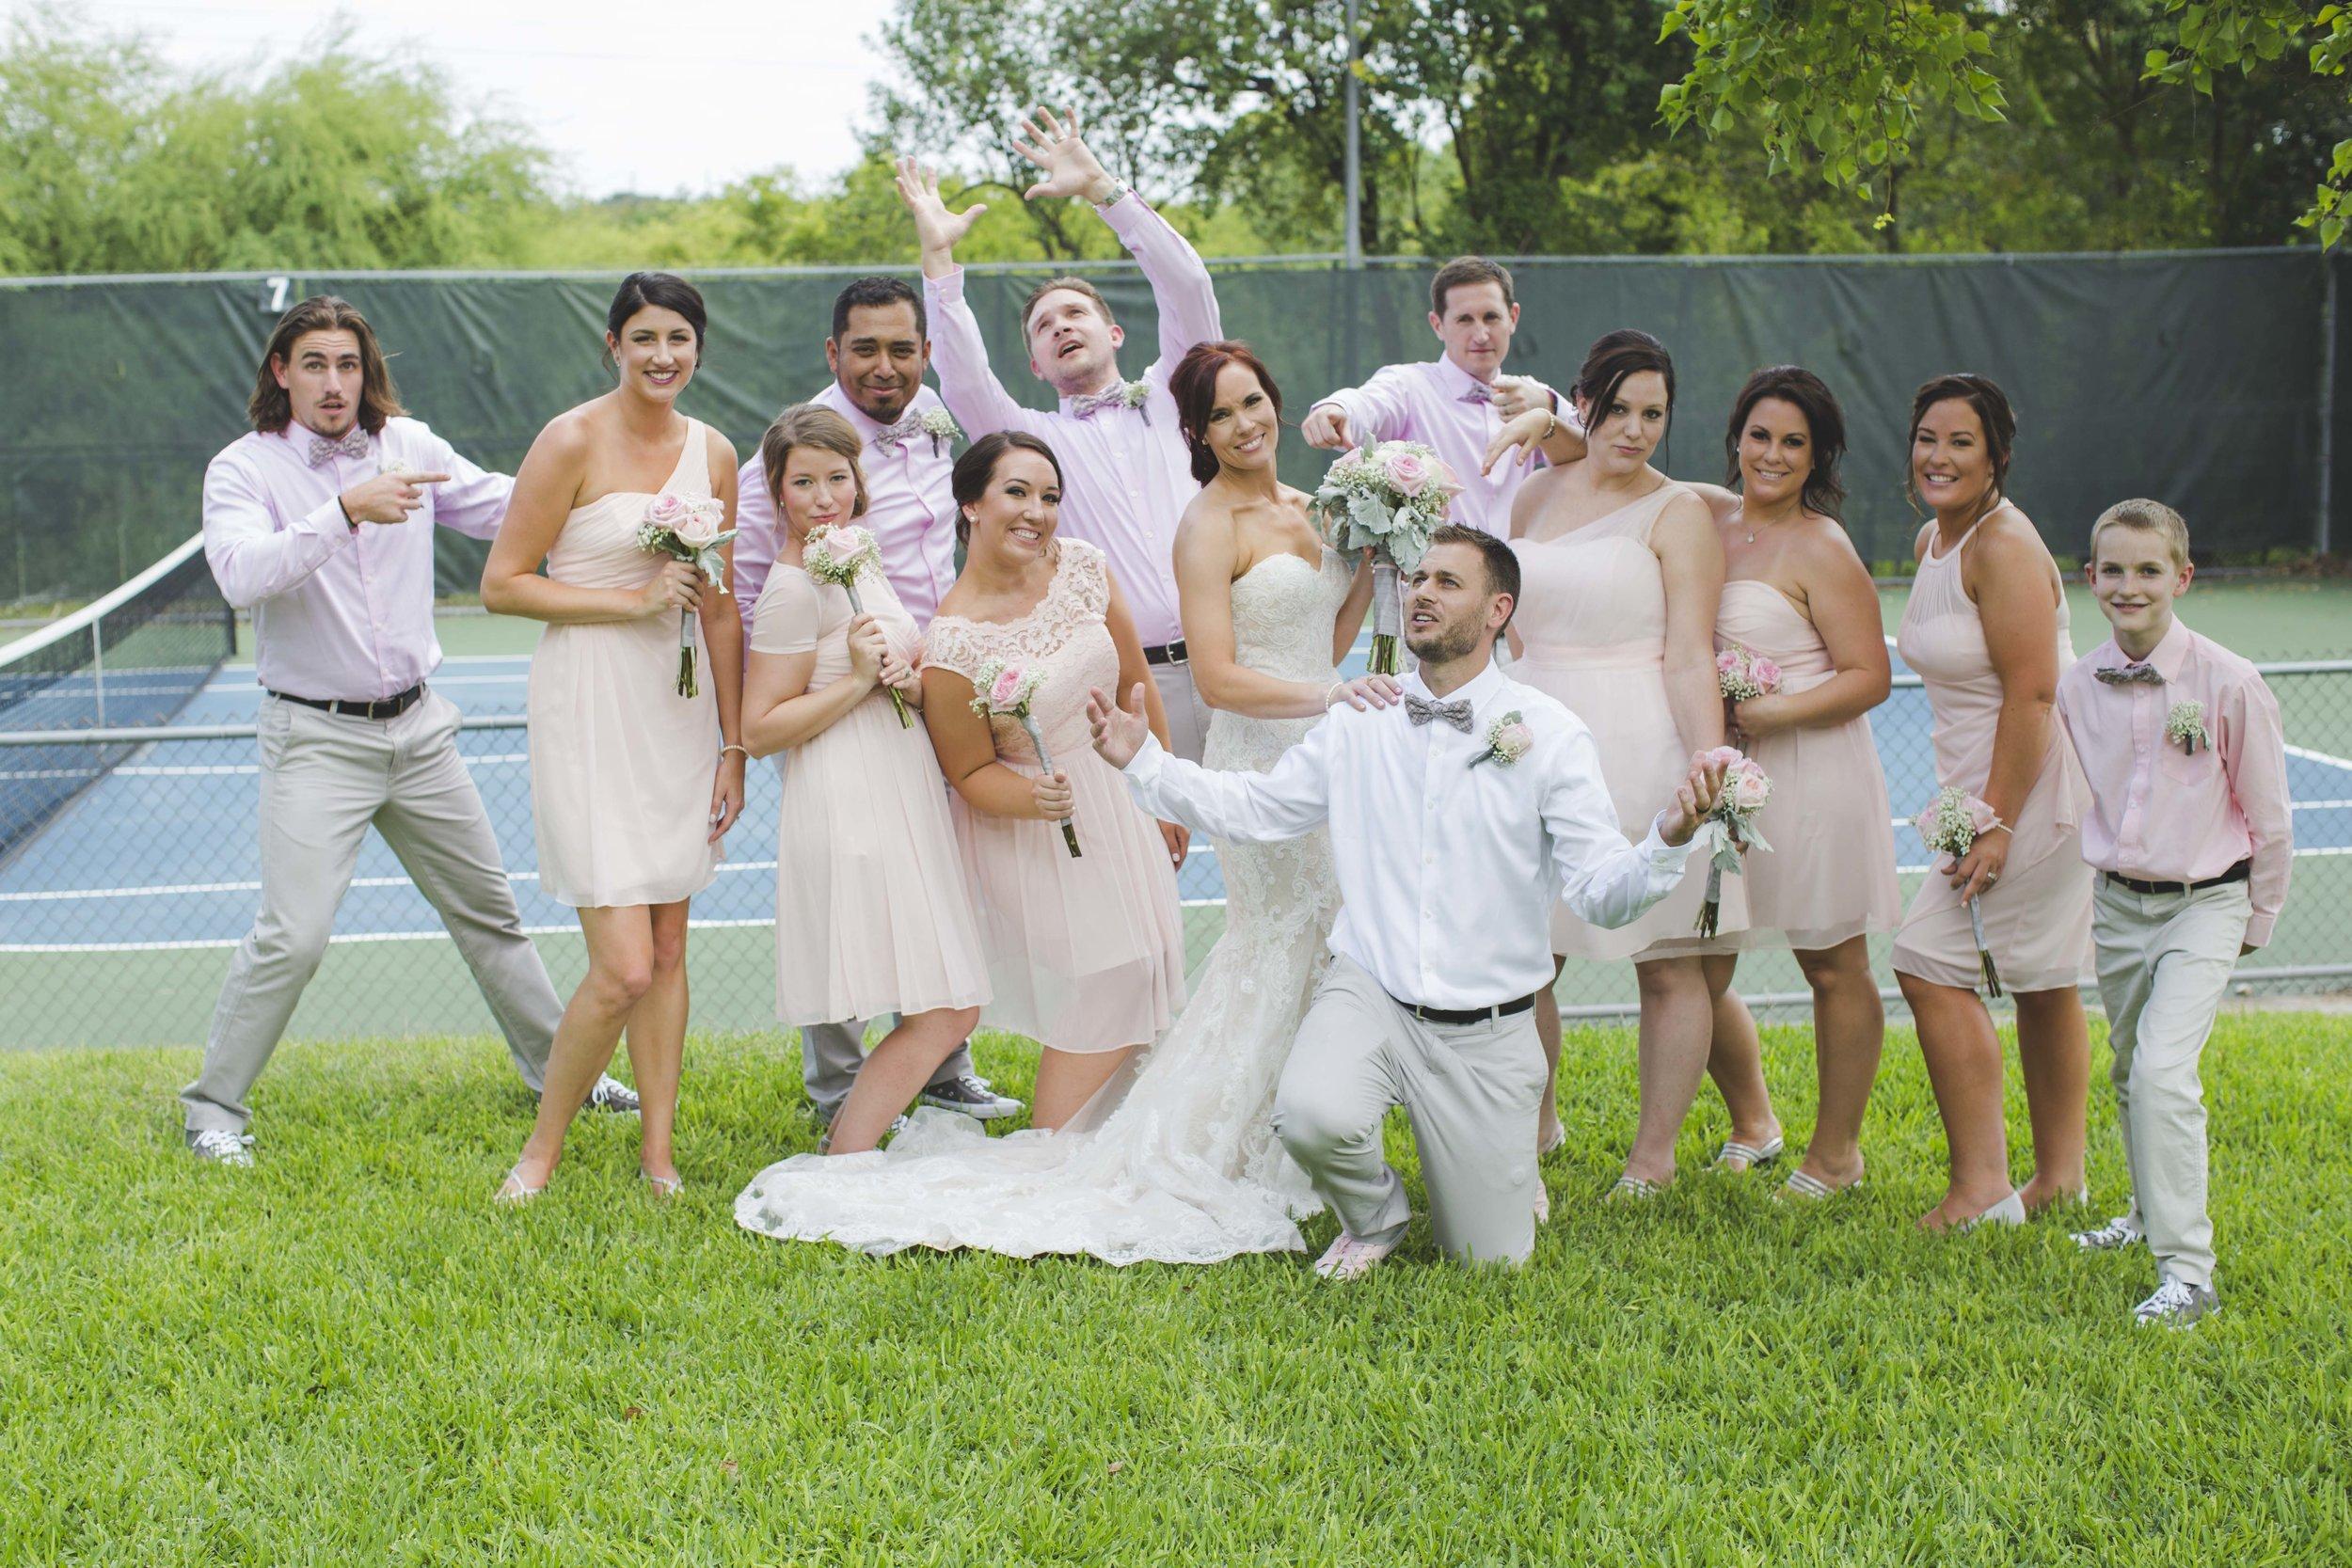 ATGI_Susanna & Matt Wedding_717A8259.jpg